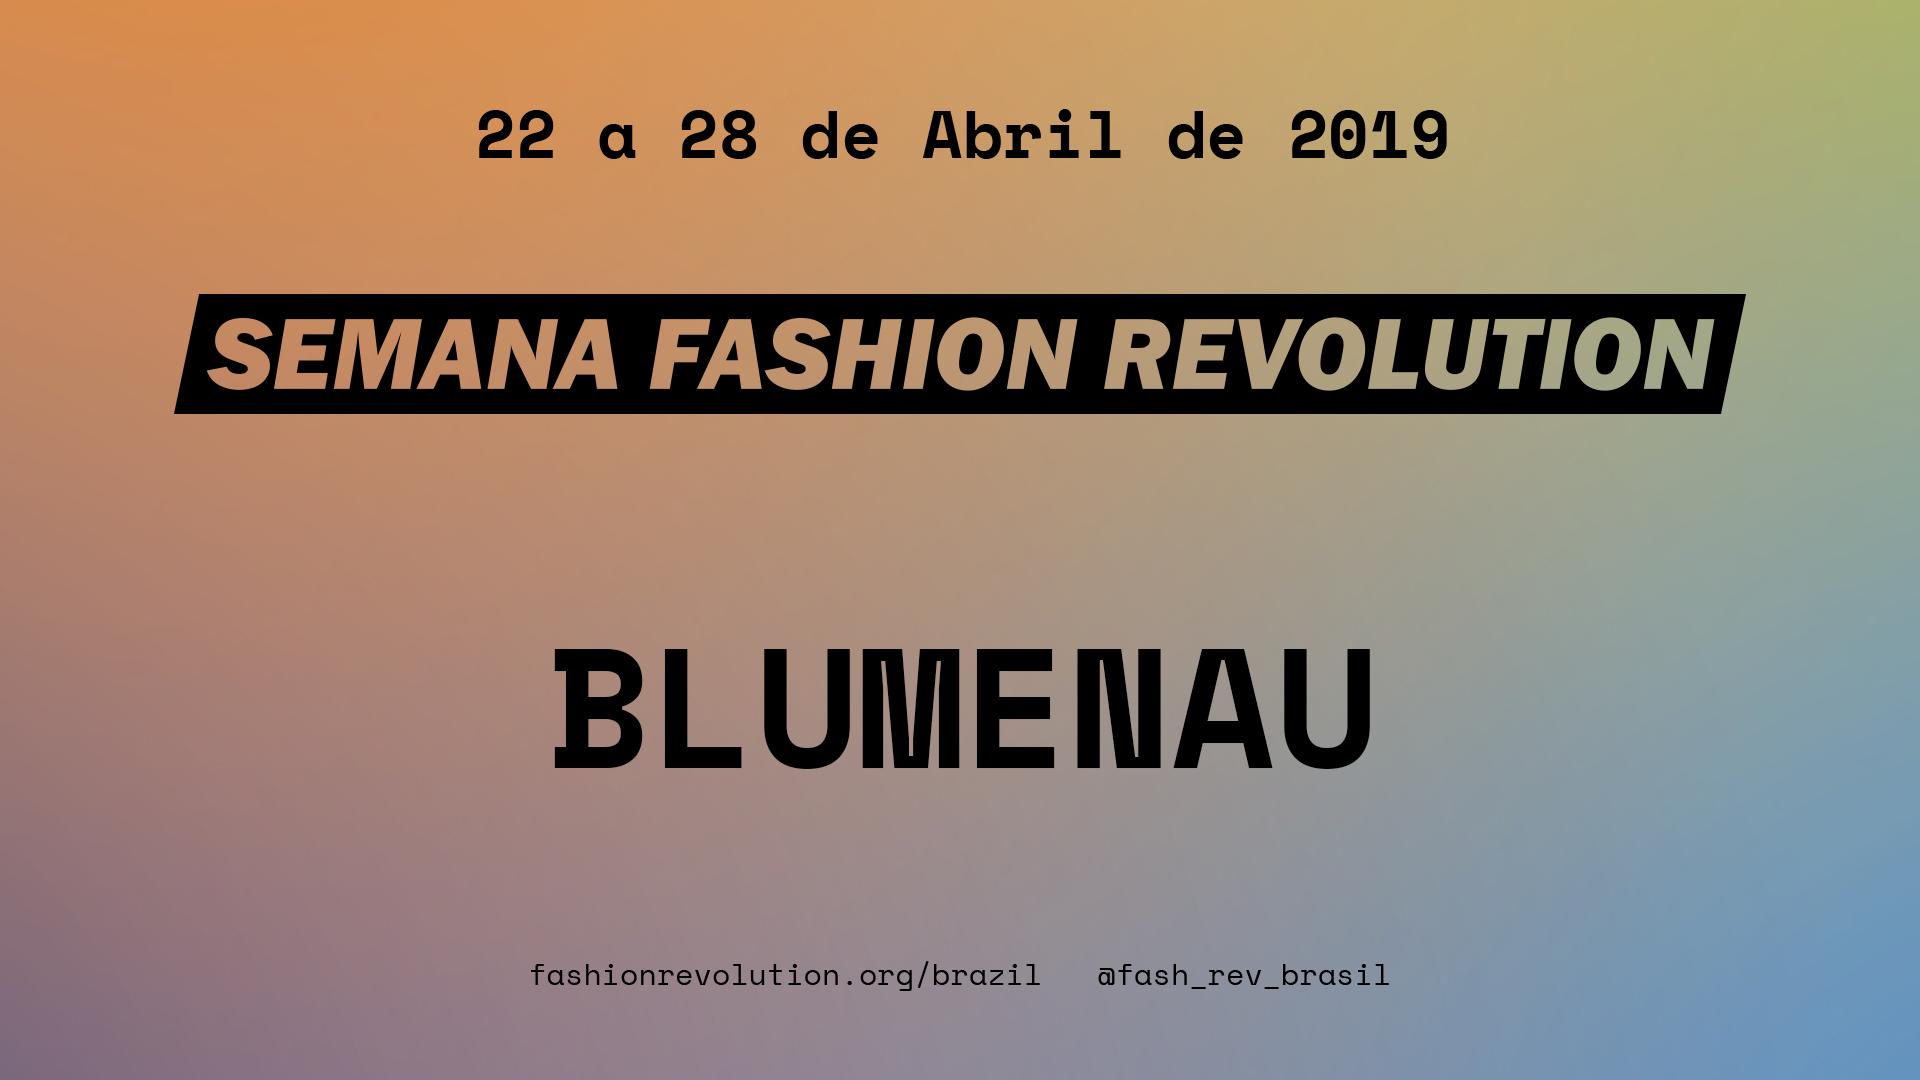 Semana Fashion Revolution – Blumenau